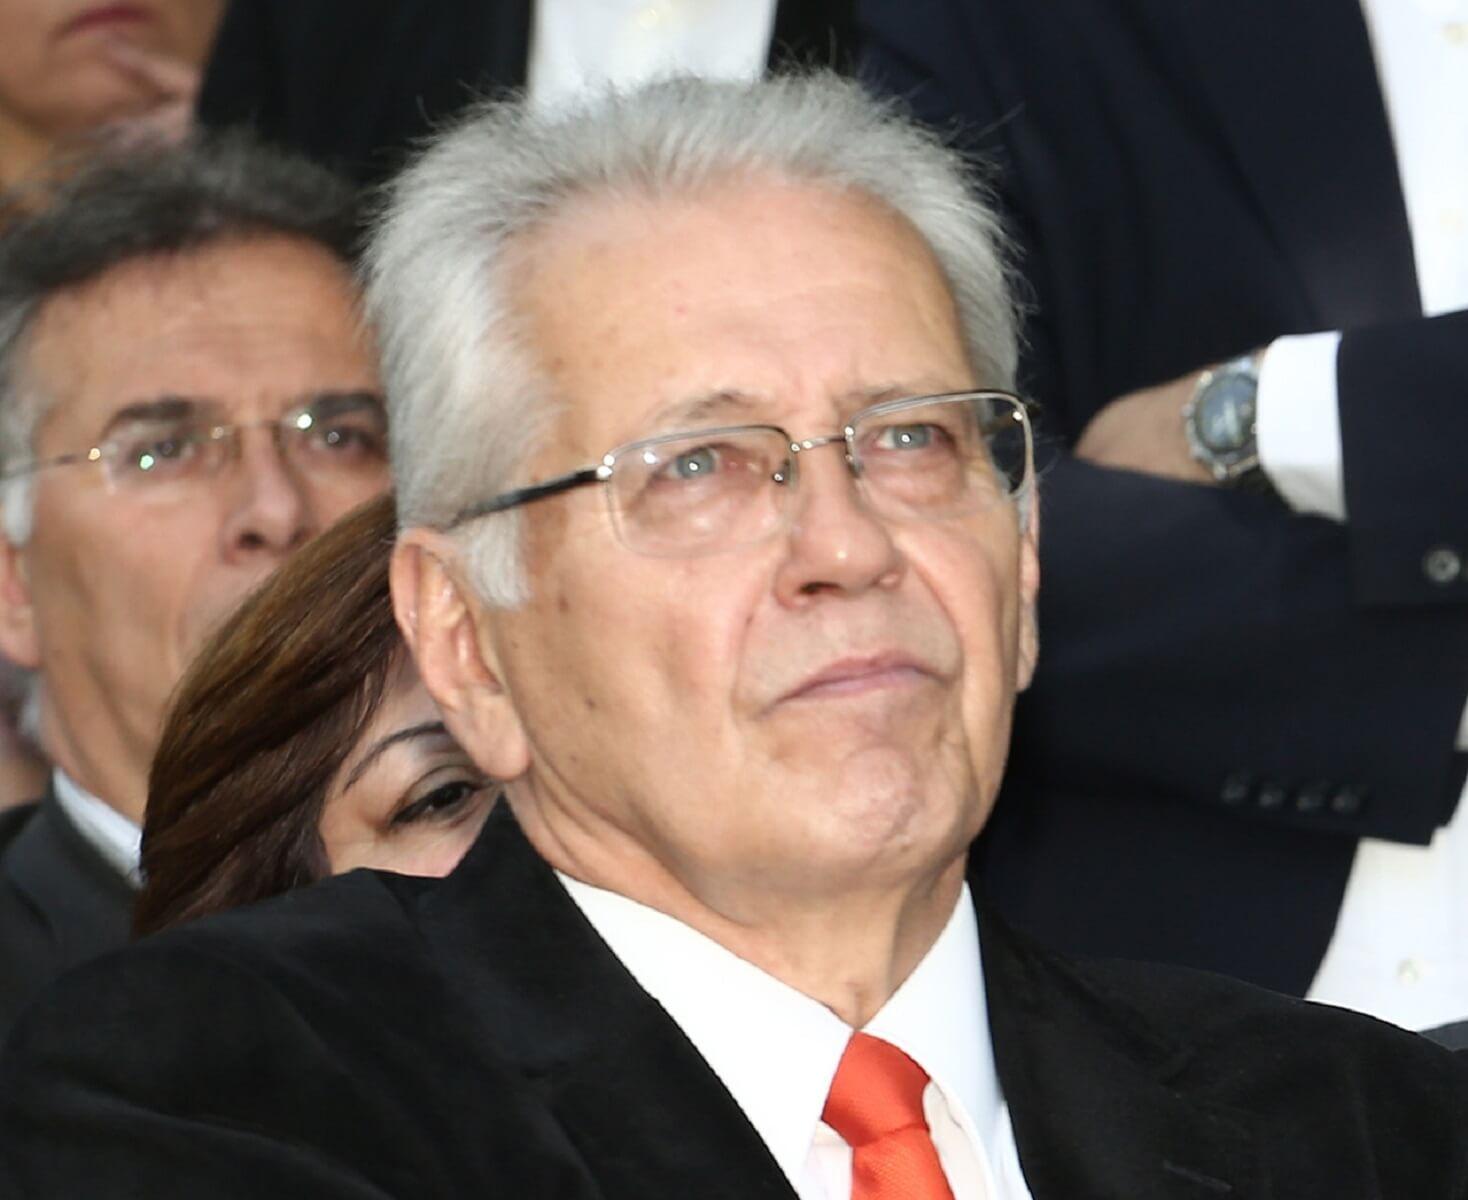 Εκλογές 2019: Υποψήφιος με τον Σγουρό ο Δημήτρης Κωνσταντάρας